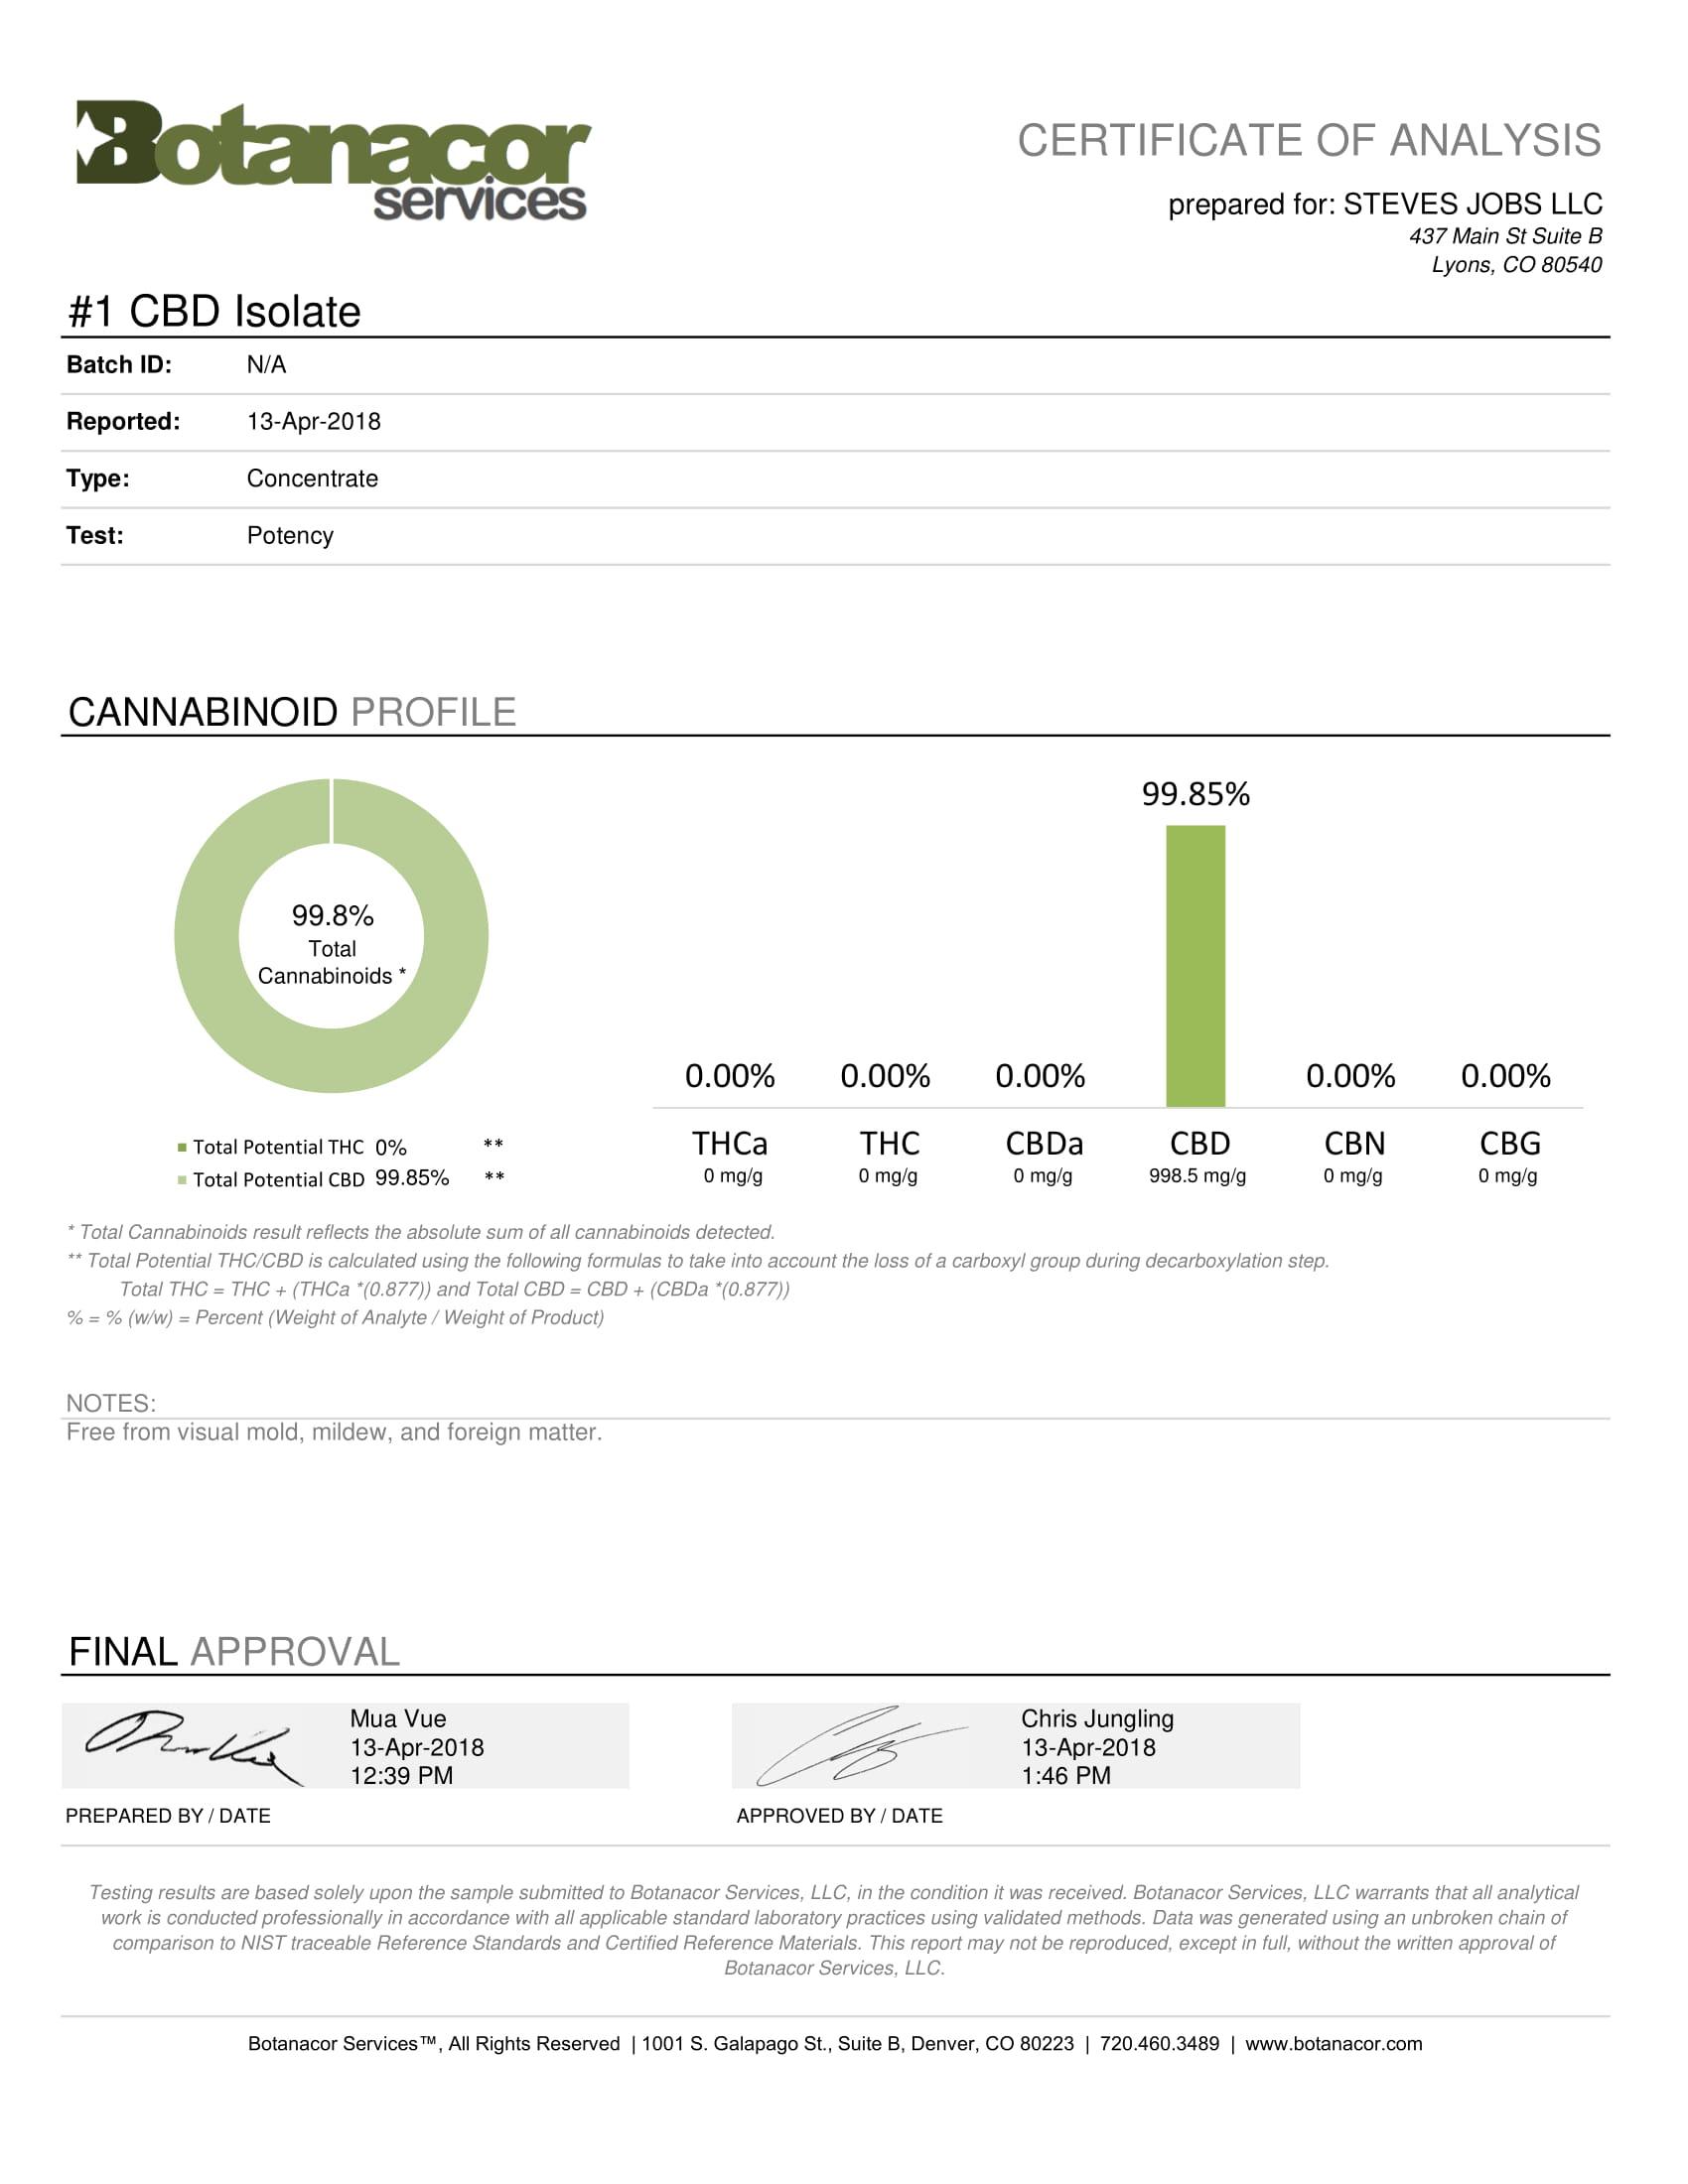 STEVES%20JOBS%20LLC%201%20CBD%20Isolate%